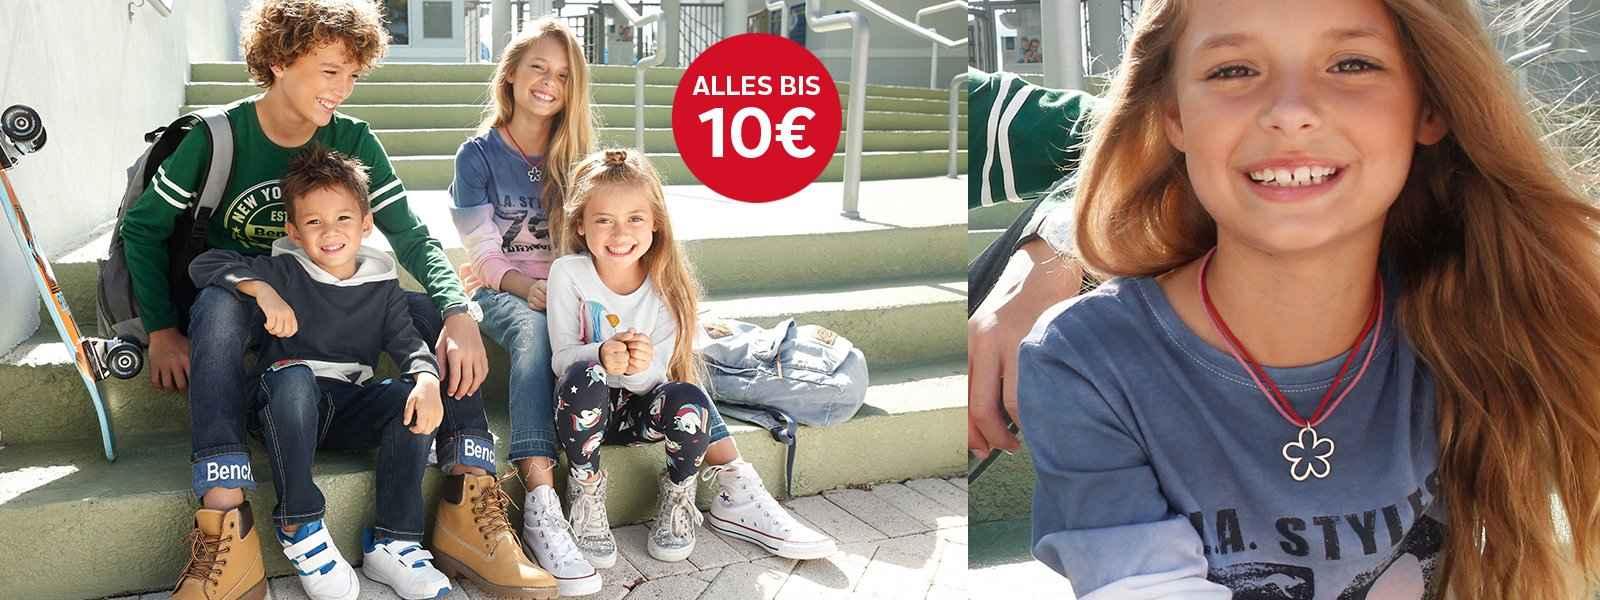 Kindermode bis 10€